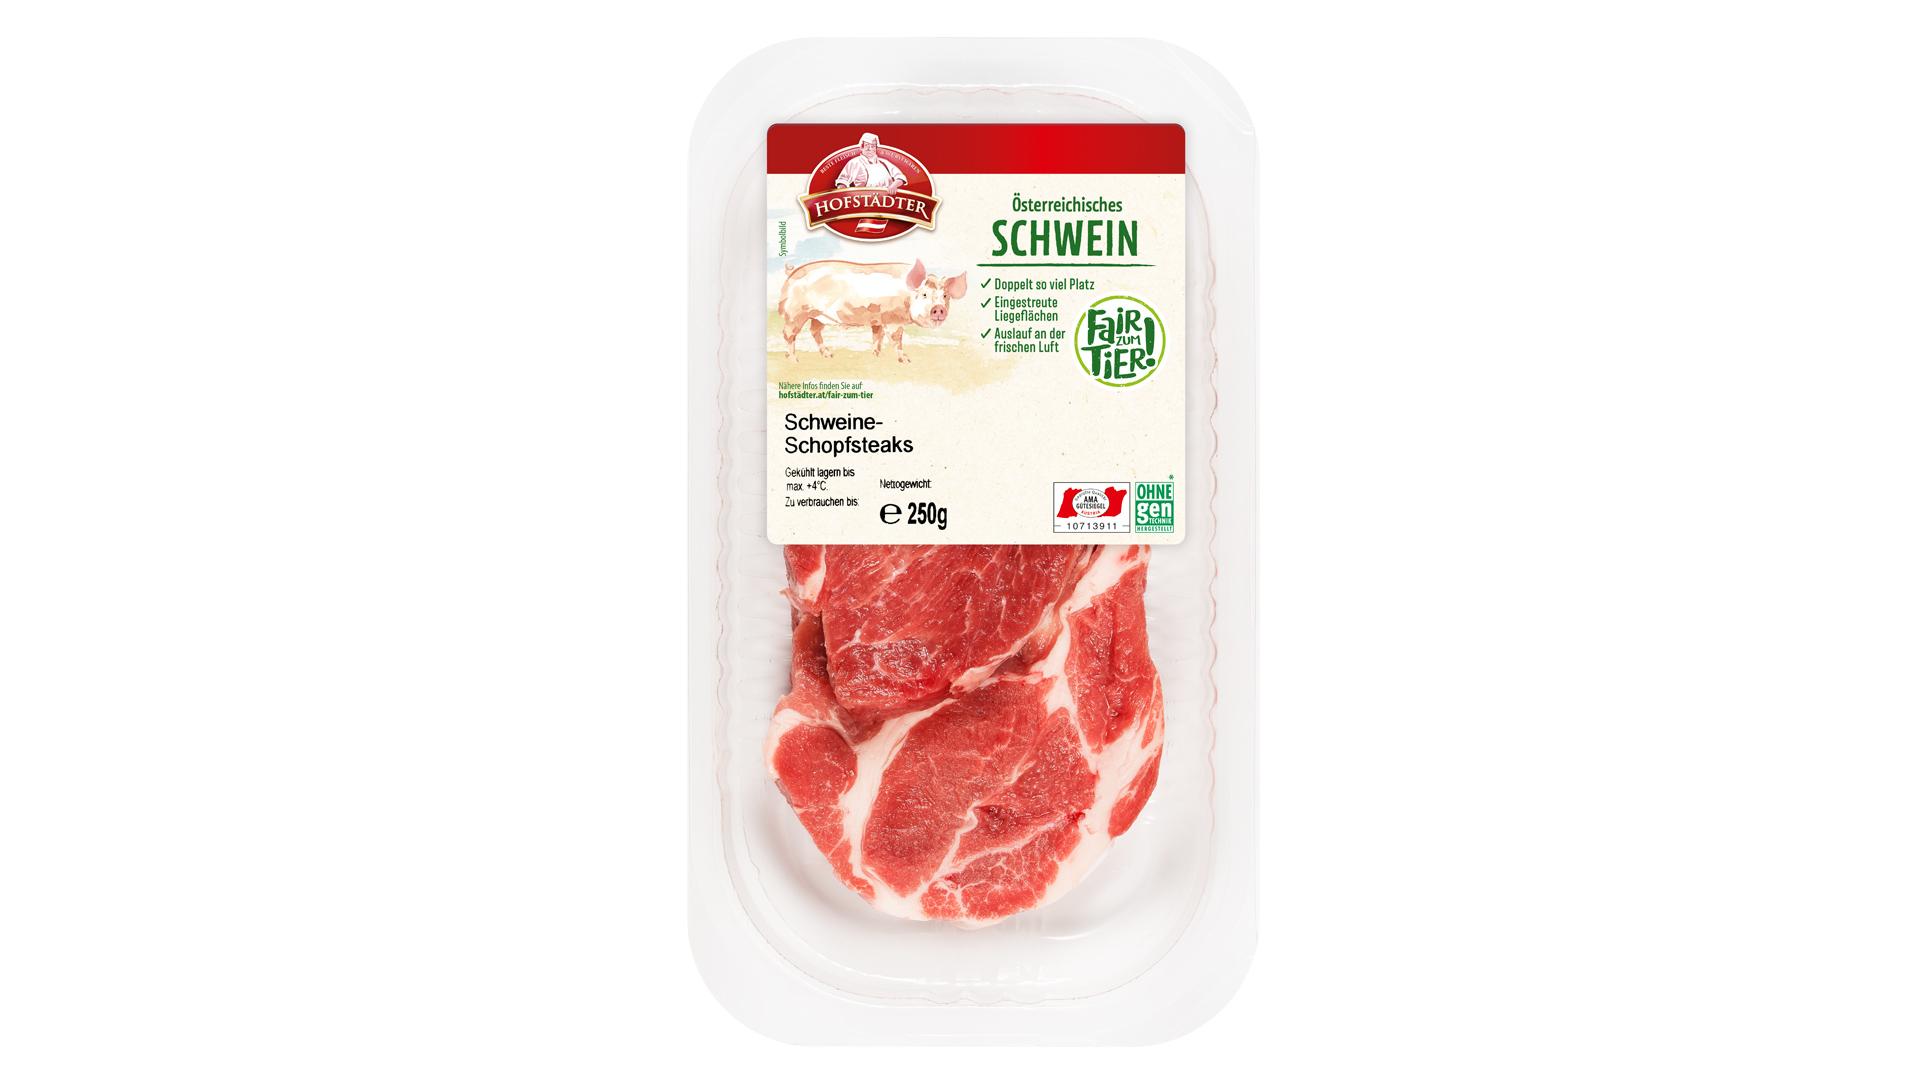 Hofstädter Schweineschopfstek